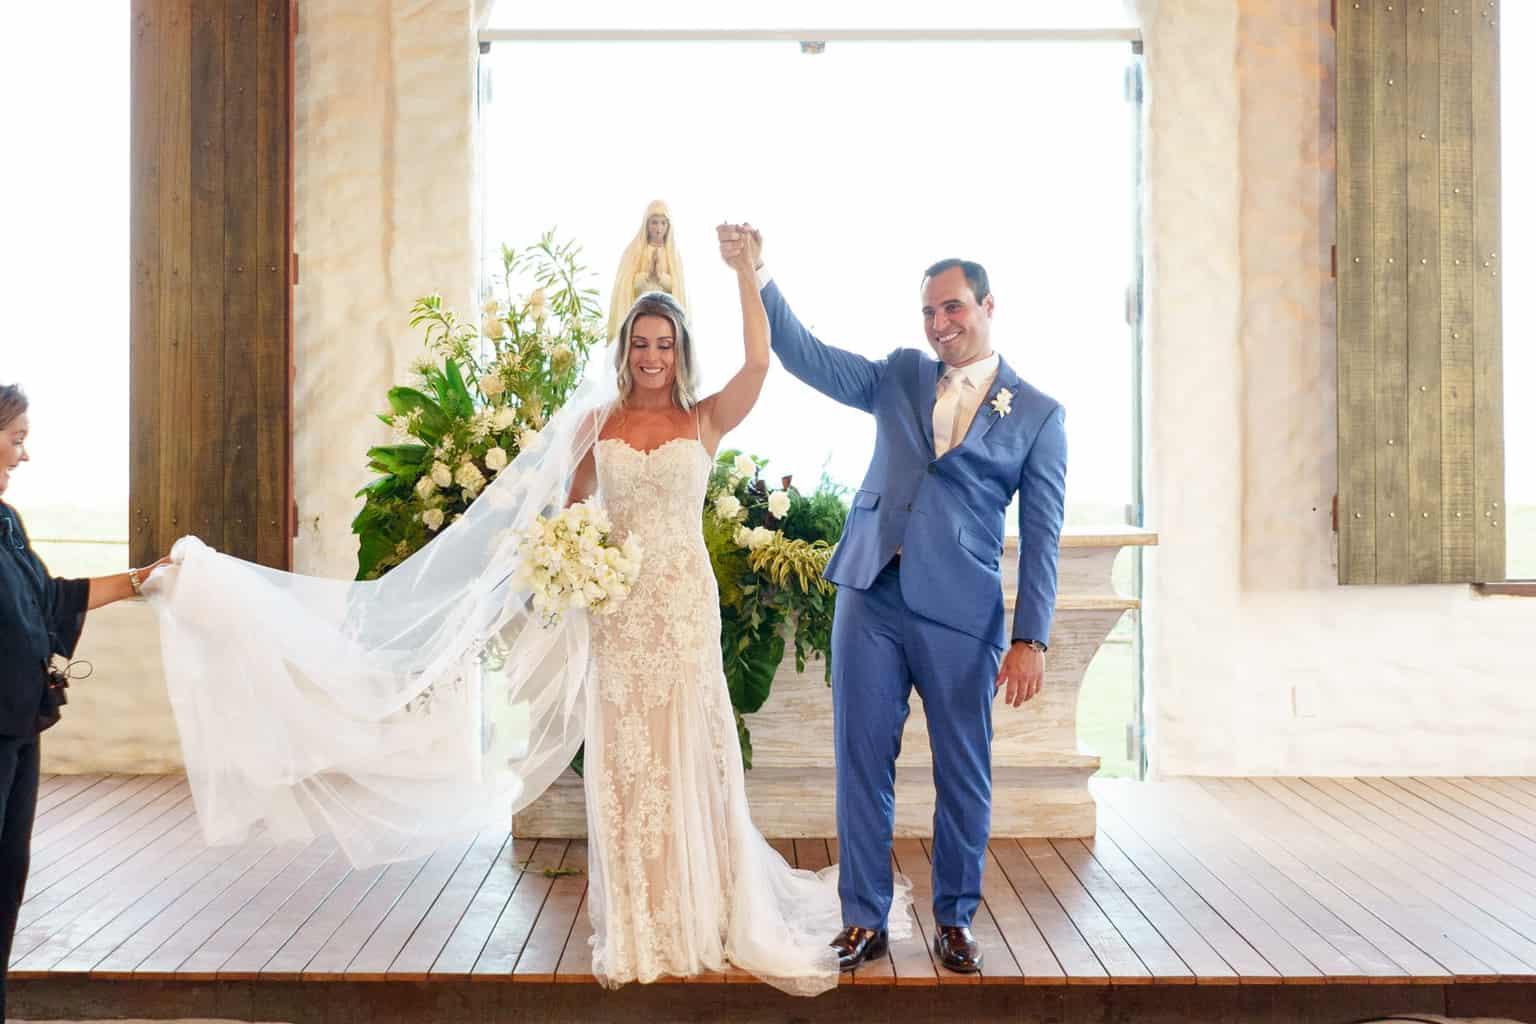 AL-Aline-e-Mauricio-capela-dos-milagres-casamento-casamento-na-praia-cerimonia-na-igreja-noivos-na-igreja96